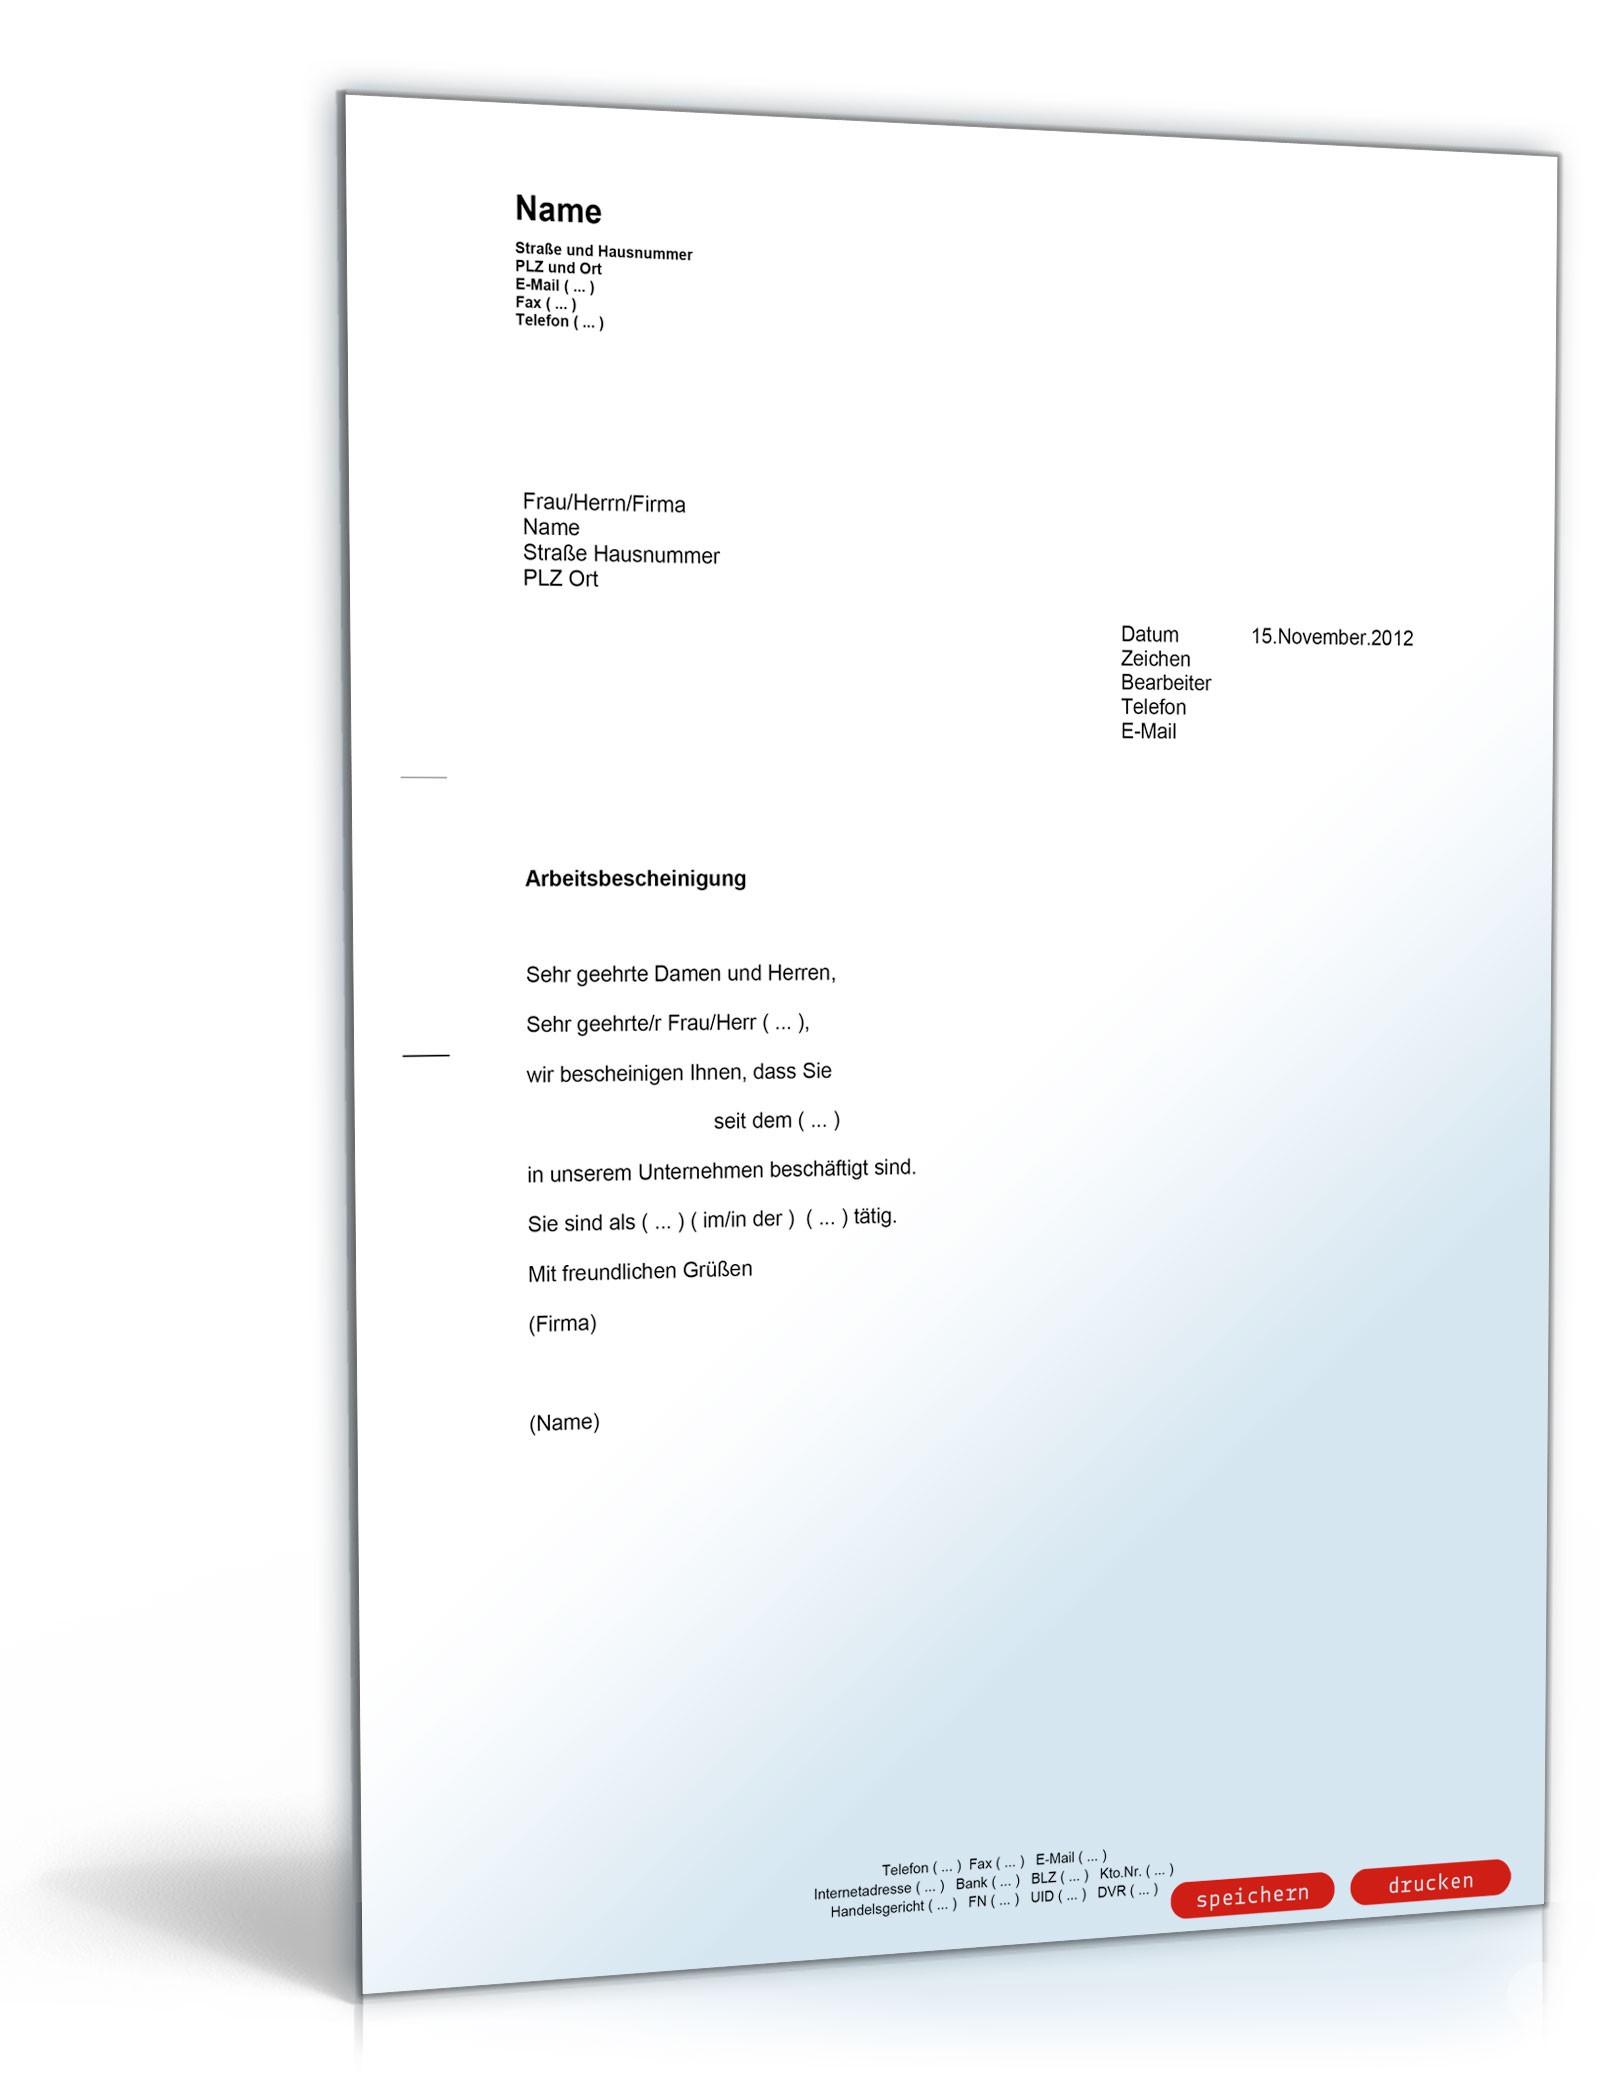 Arbeitsbescheinigung Muster Vorlage Beispiel Downloaden